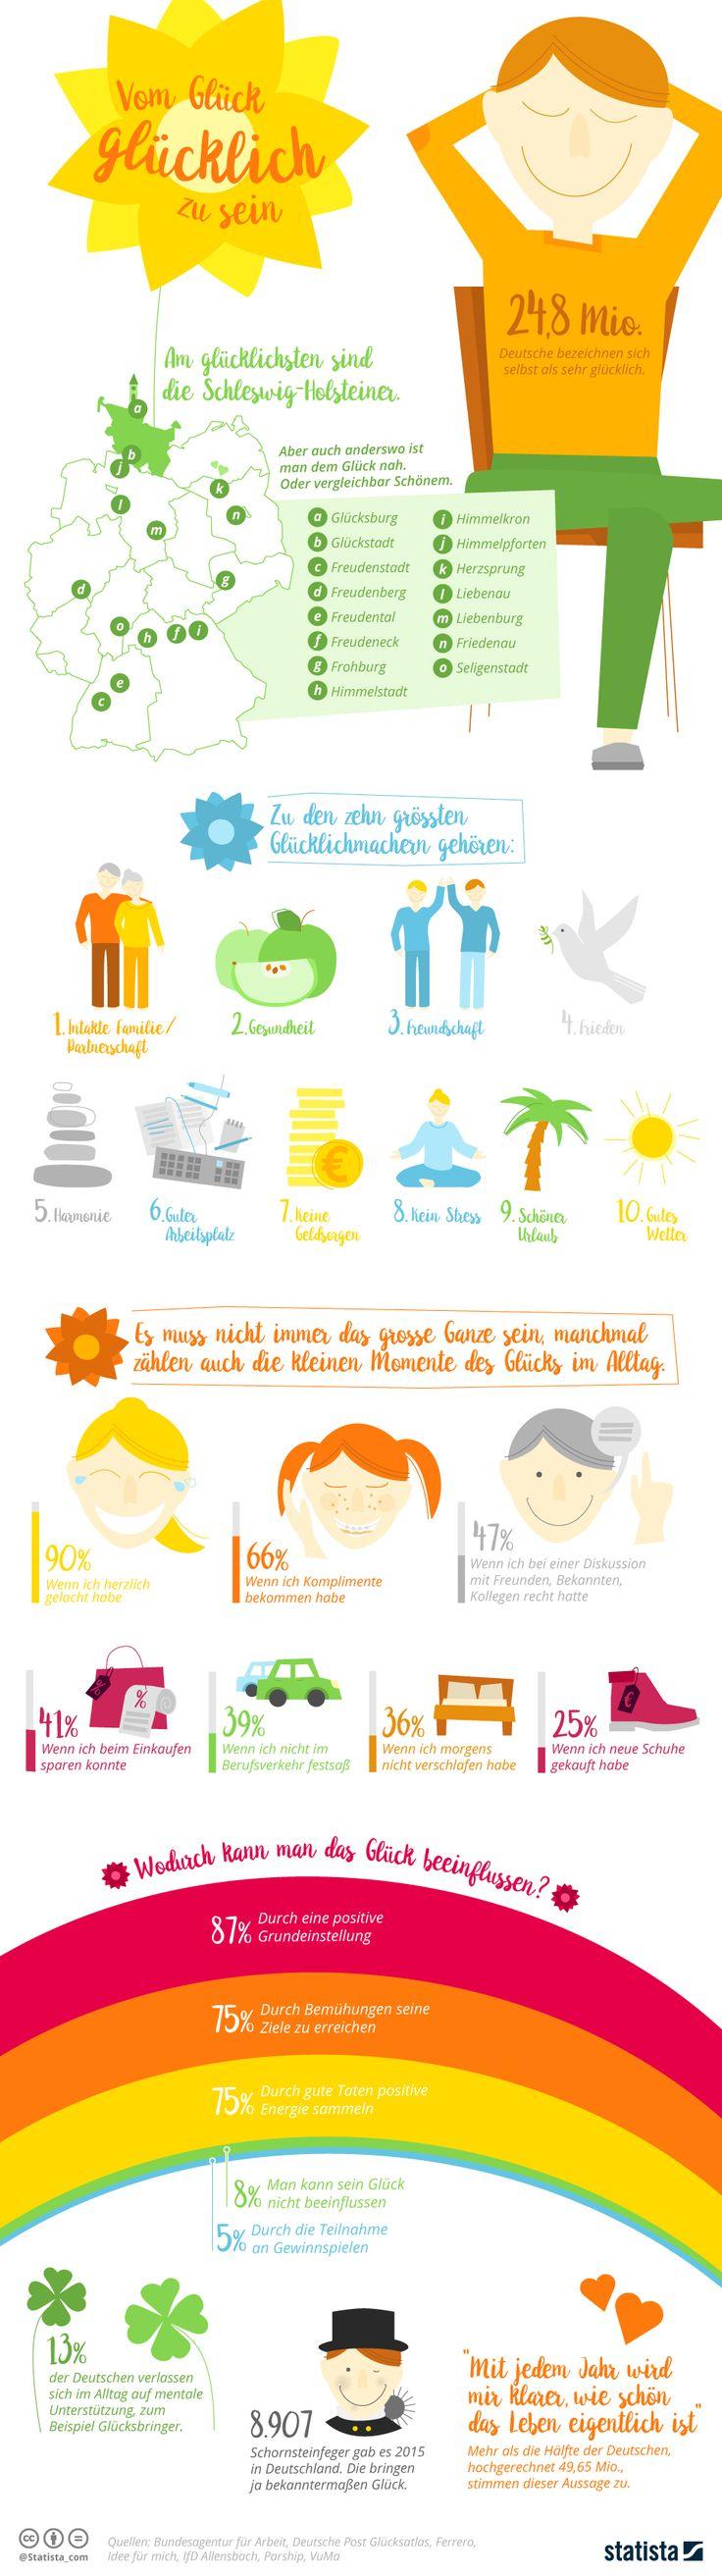 Infografik: Vom Glück, glücklich zu sein  #Infografik #Glück #Glücklichsein